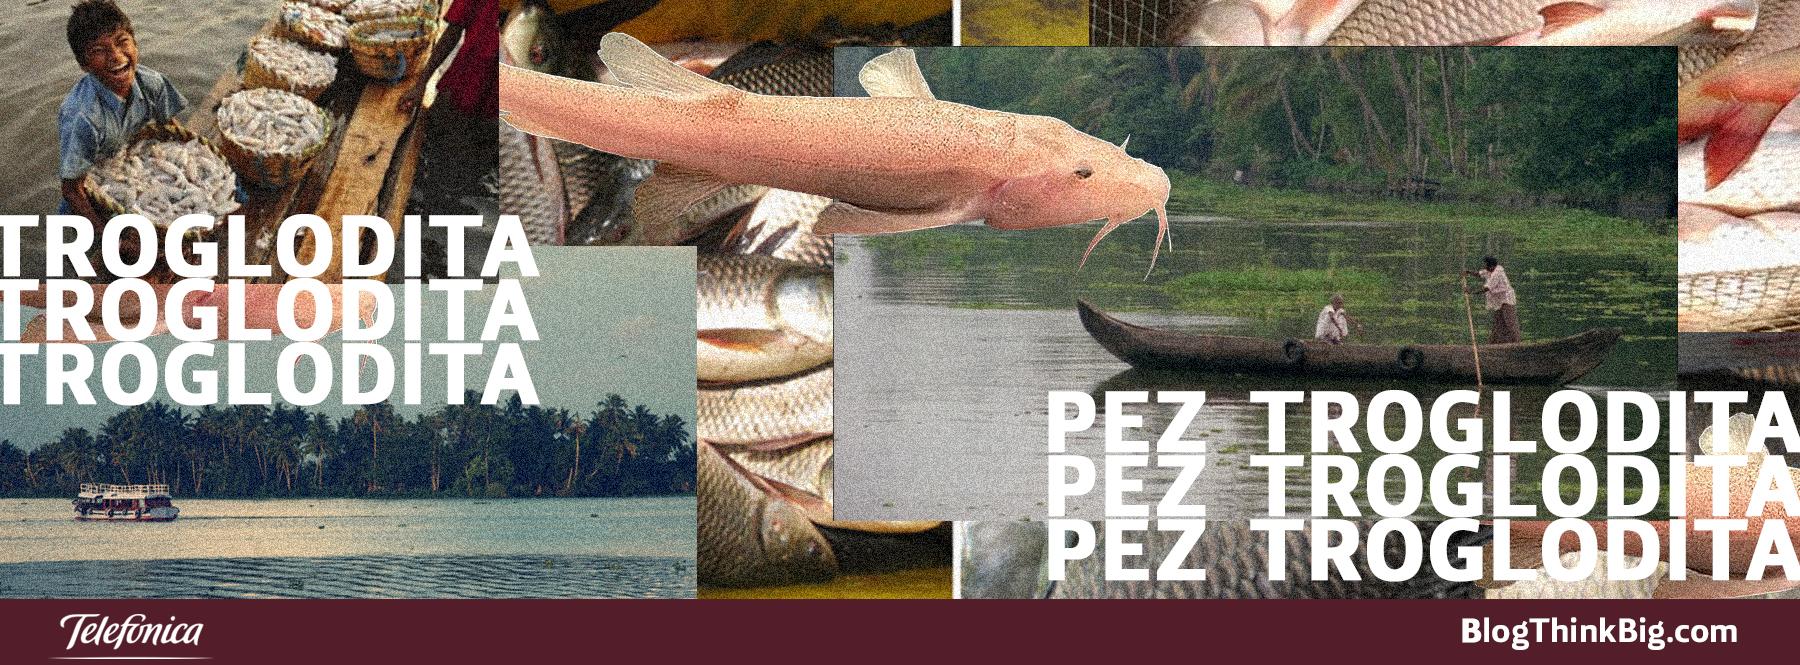 El pez troglodita más grande del mundo vive en la India